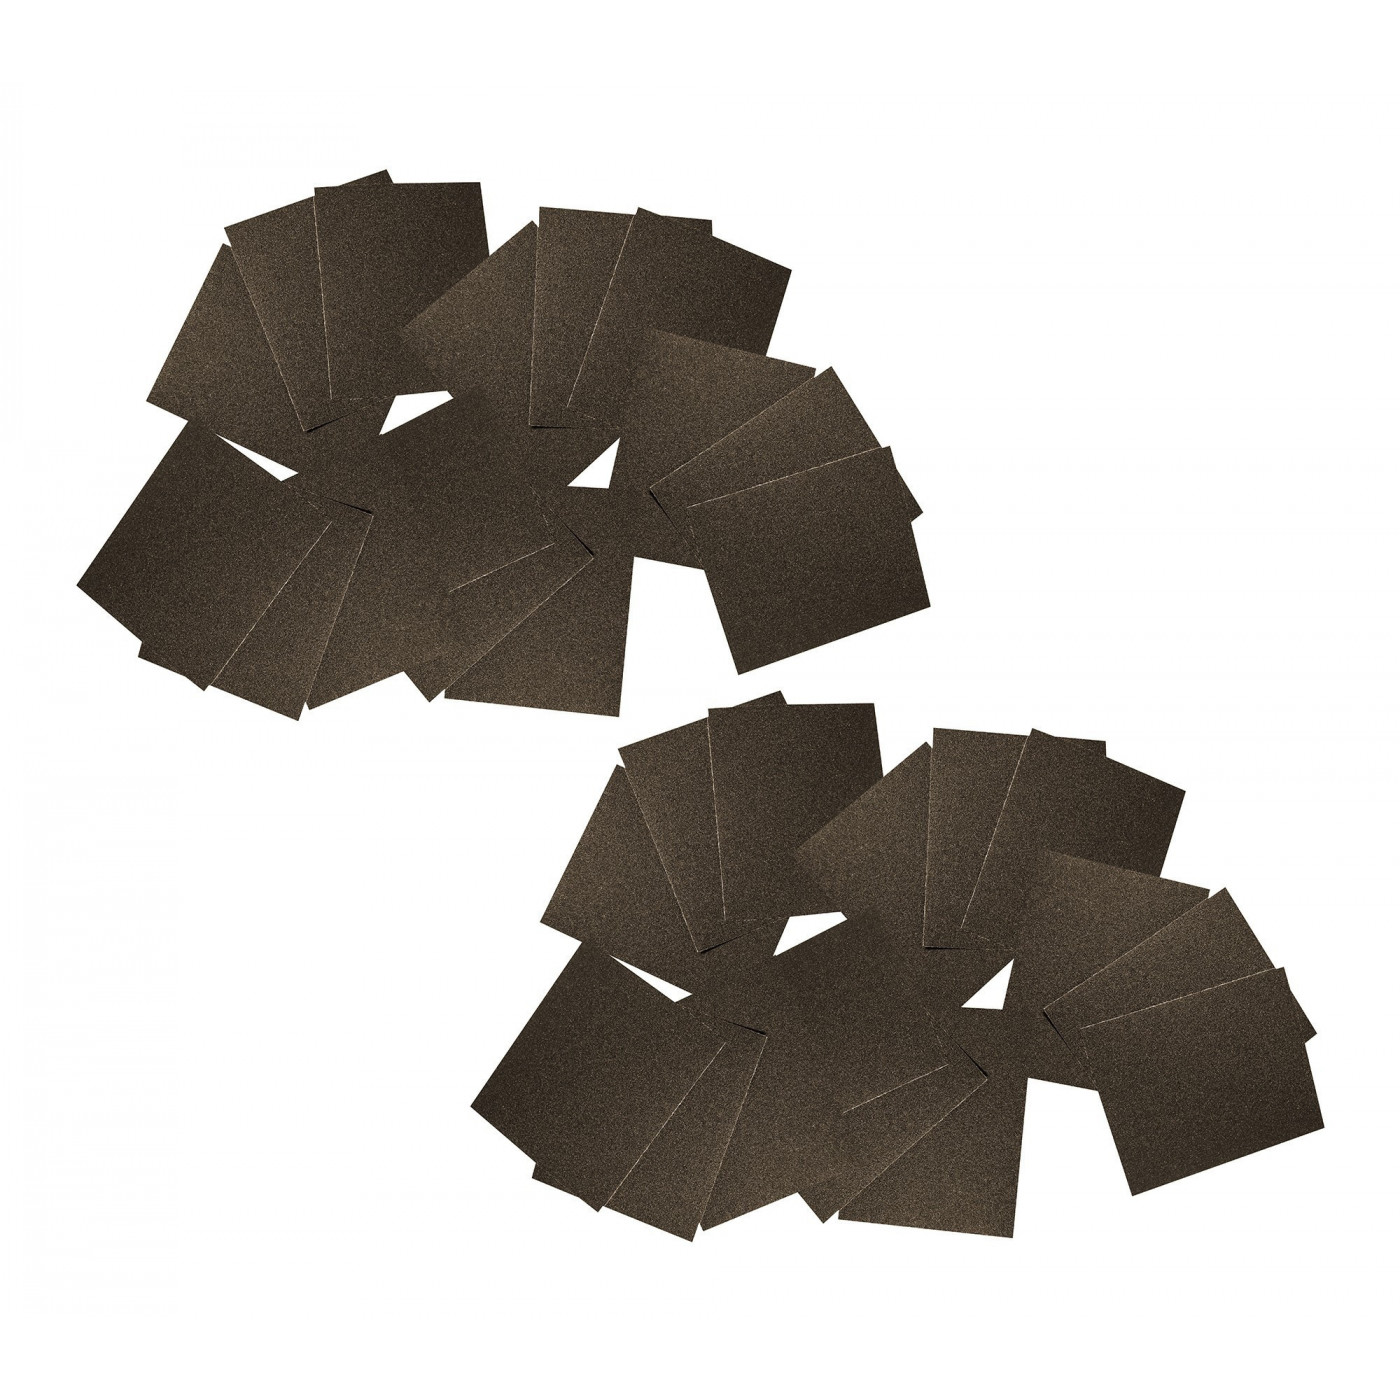 Sanding paper XXL, 90 sheets of 20x25 cm (P80, P150, P180)